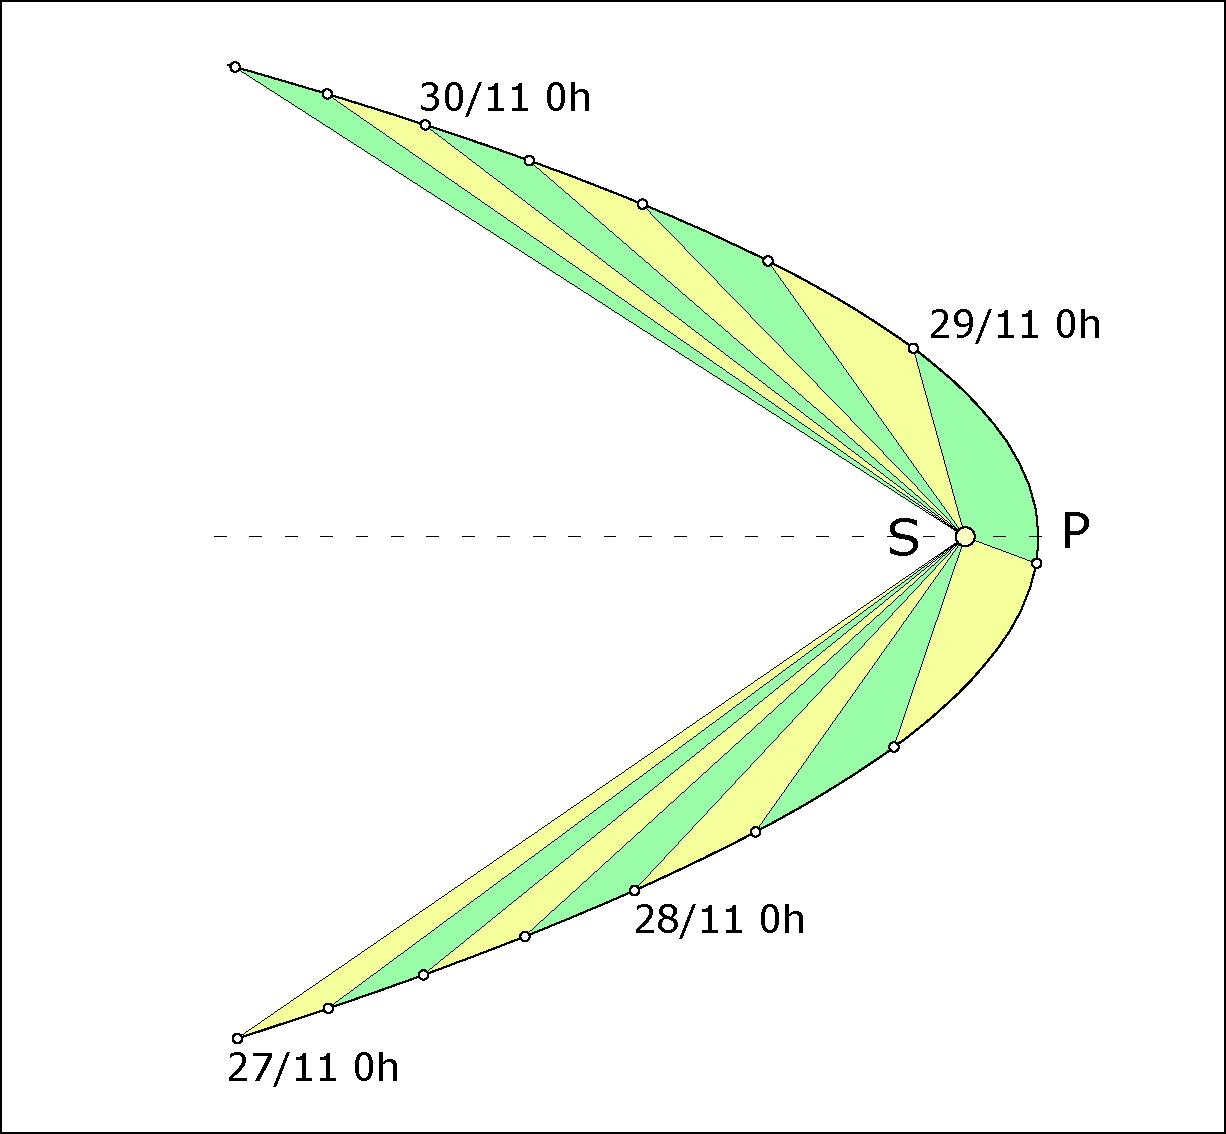 Orbite de la comète ISON tracée pour les trois jours entourant le périhélie (P)